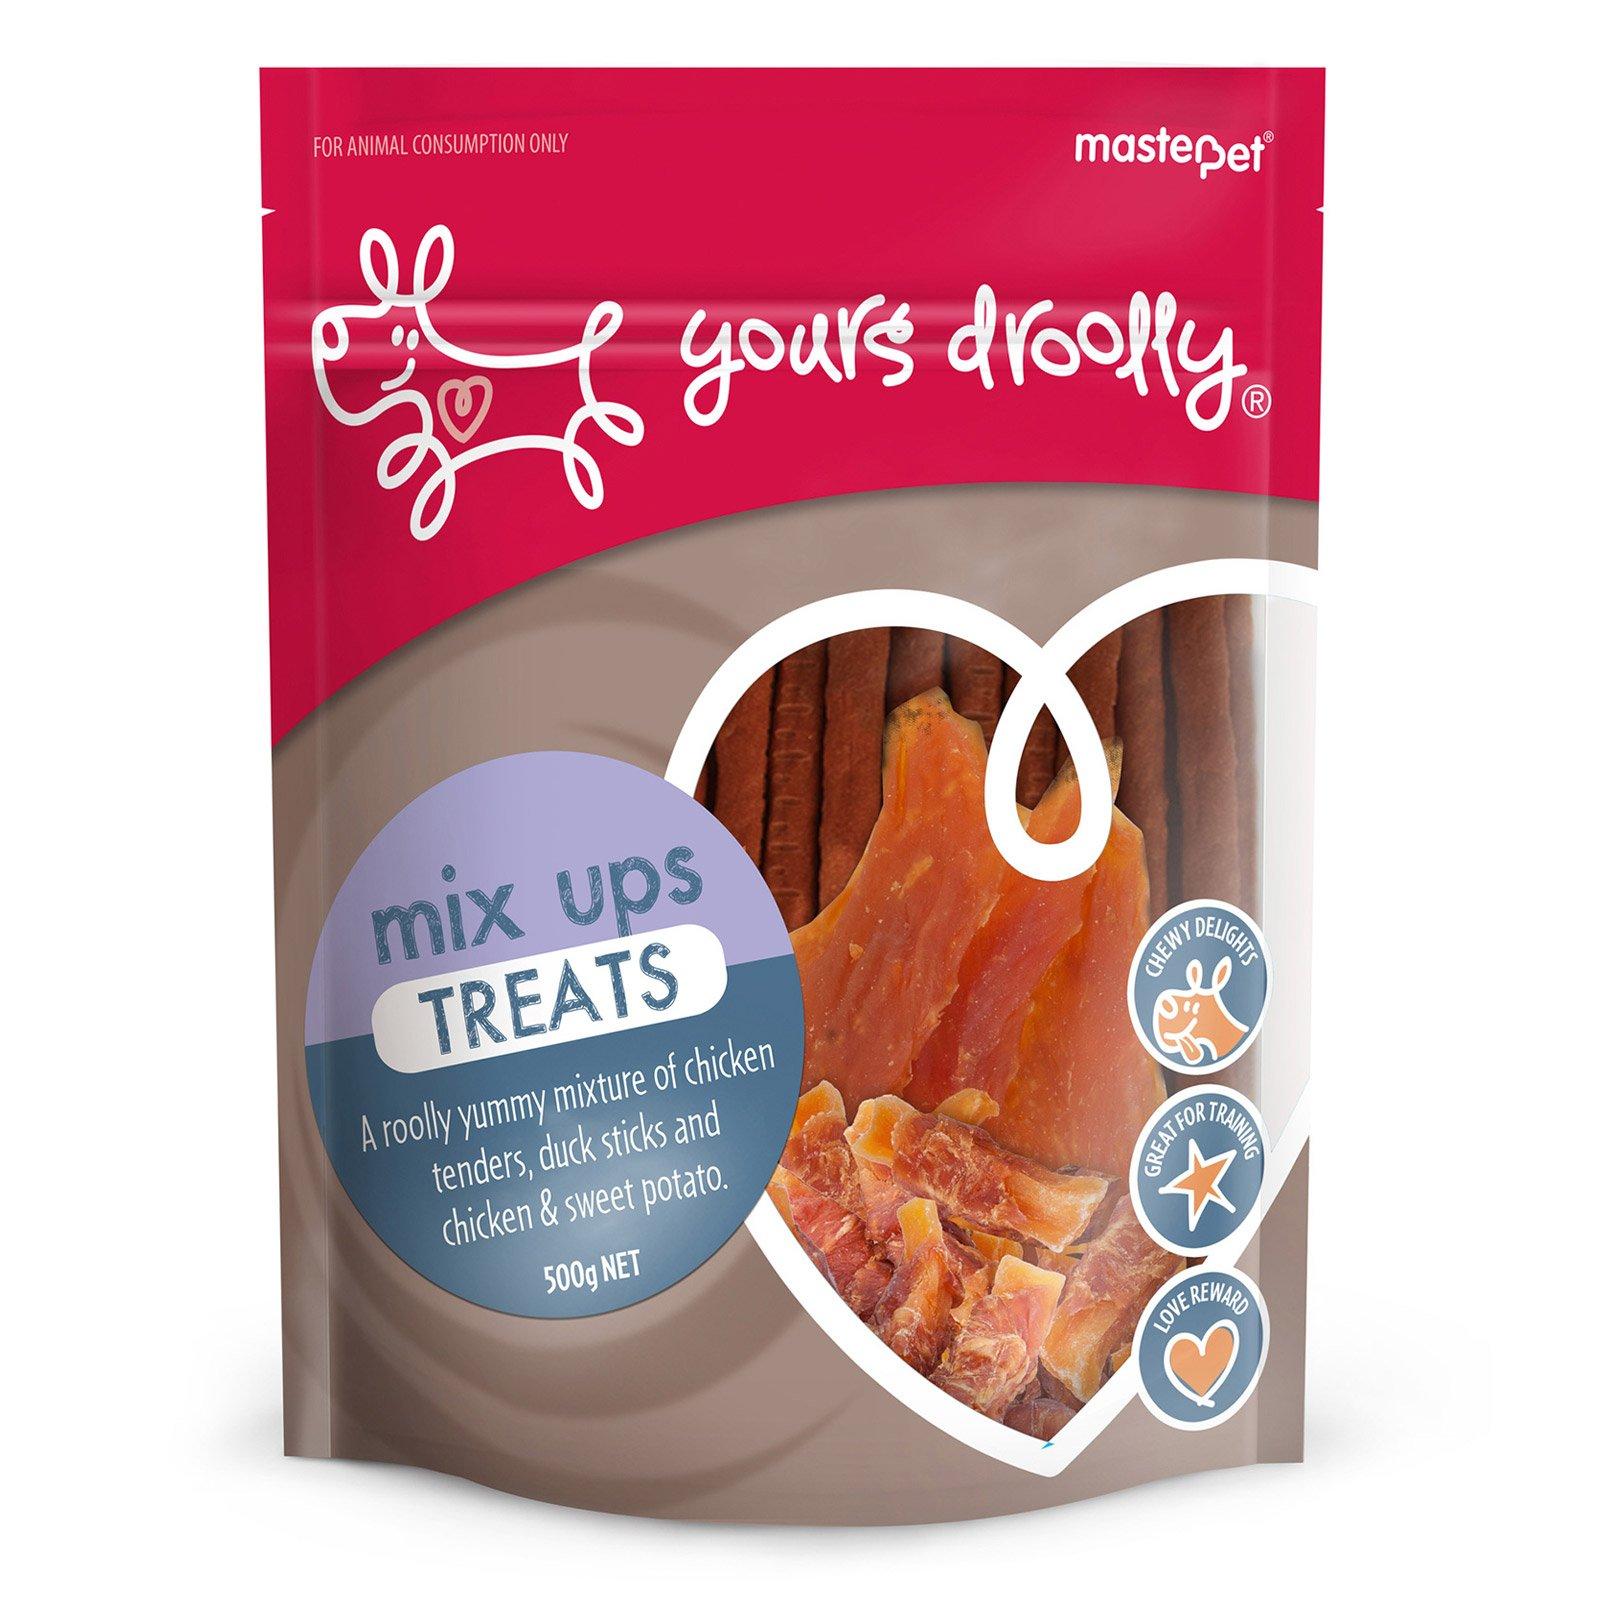 Yours Droolly Mix Up Treats Dog Treats